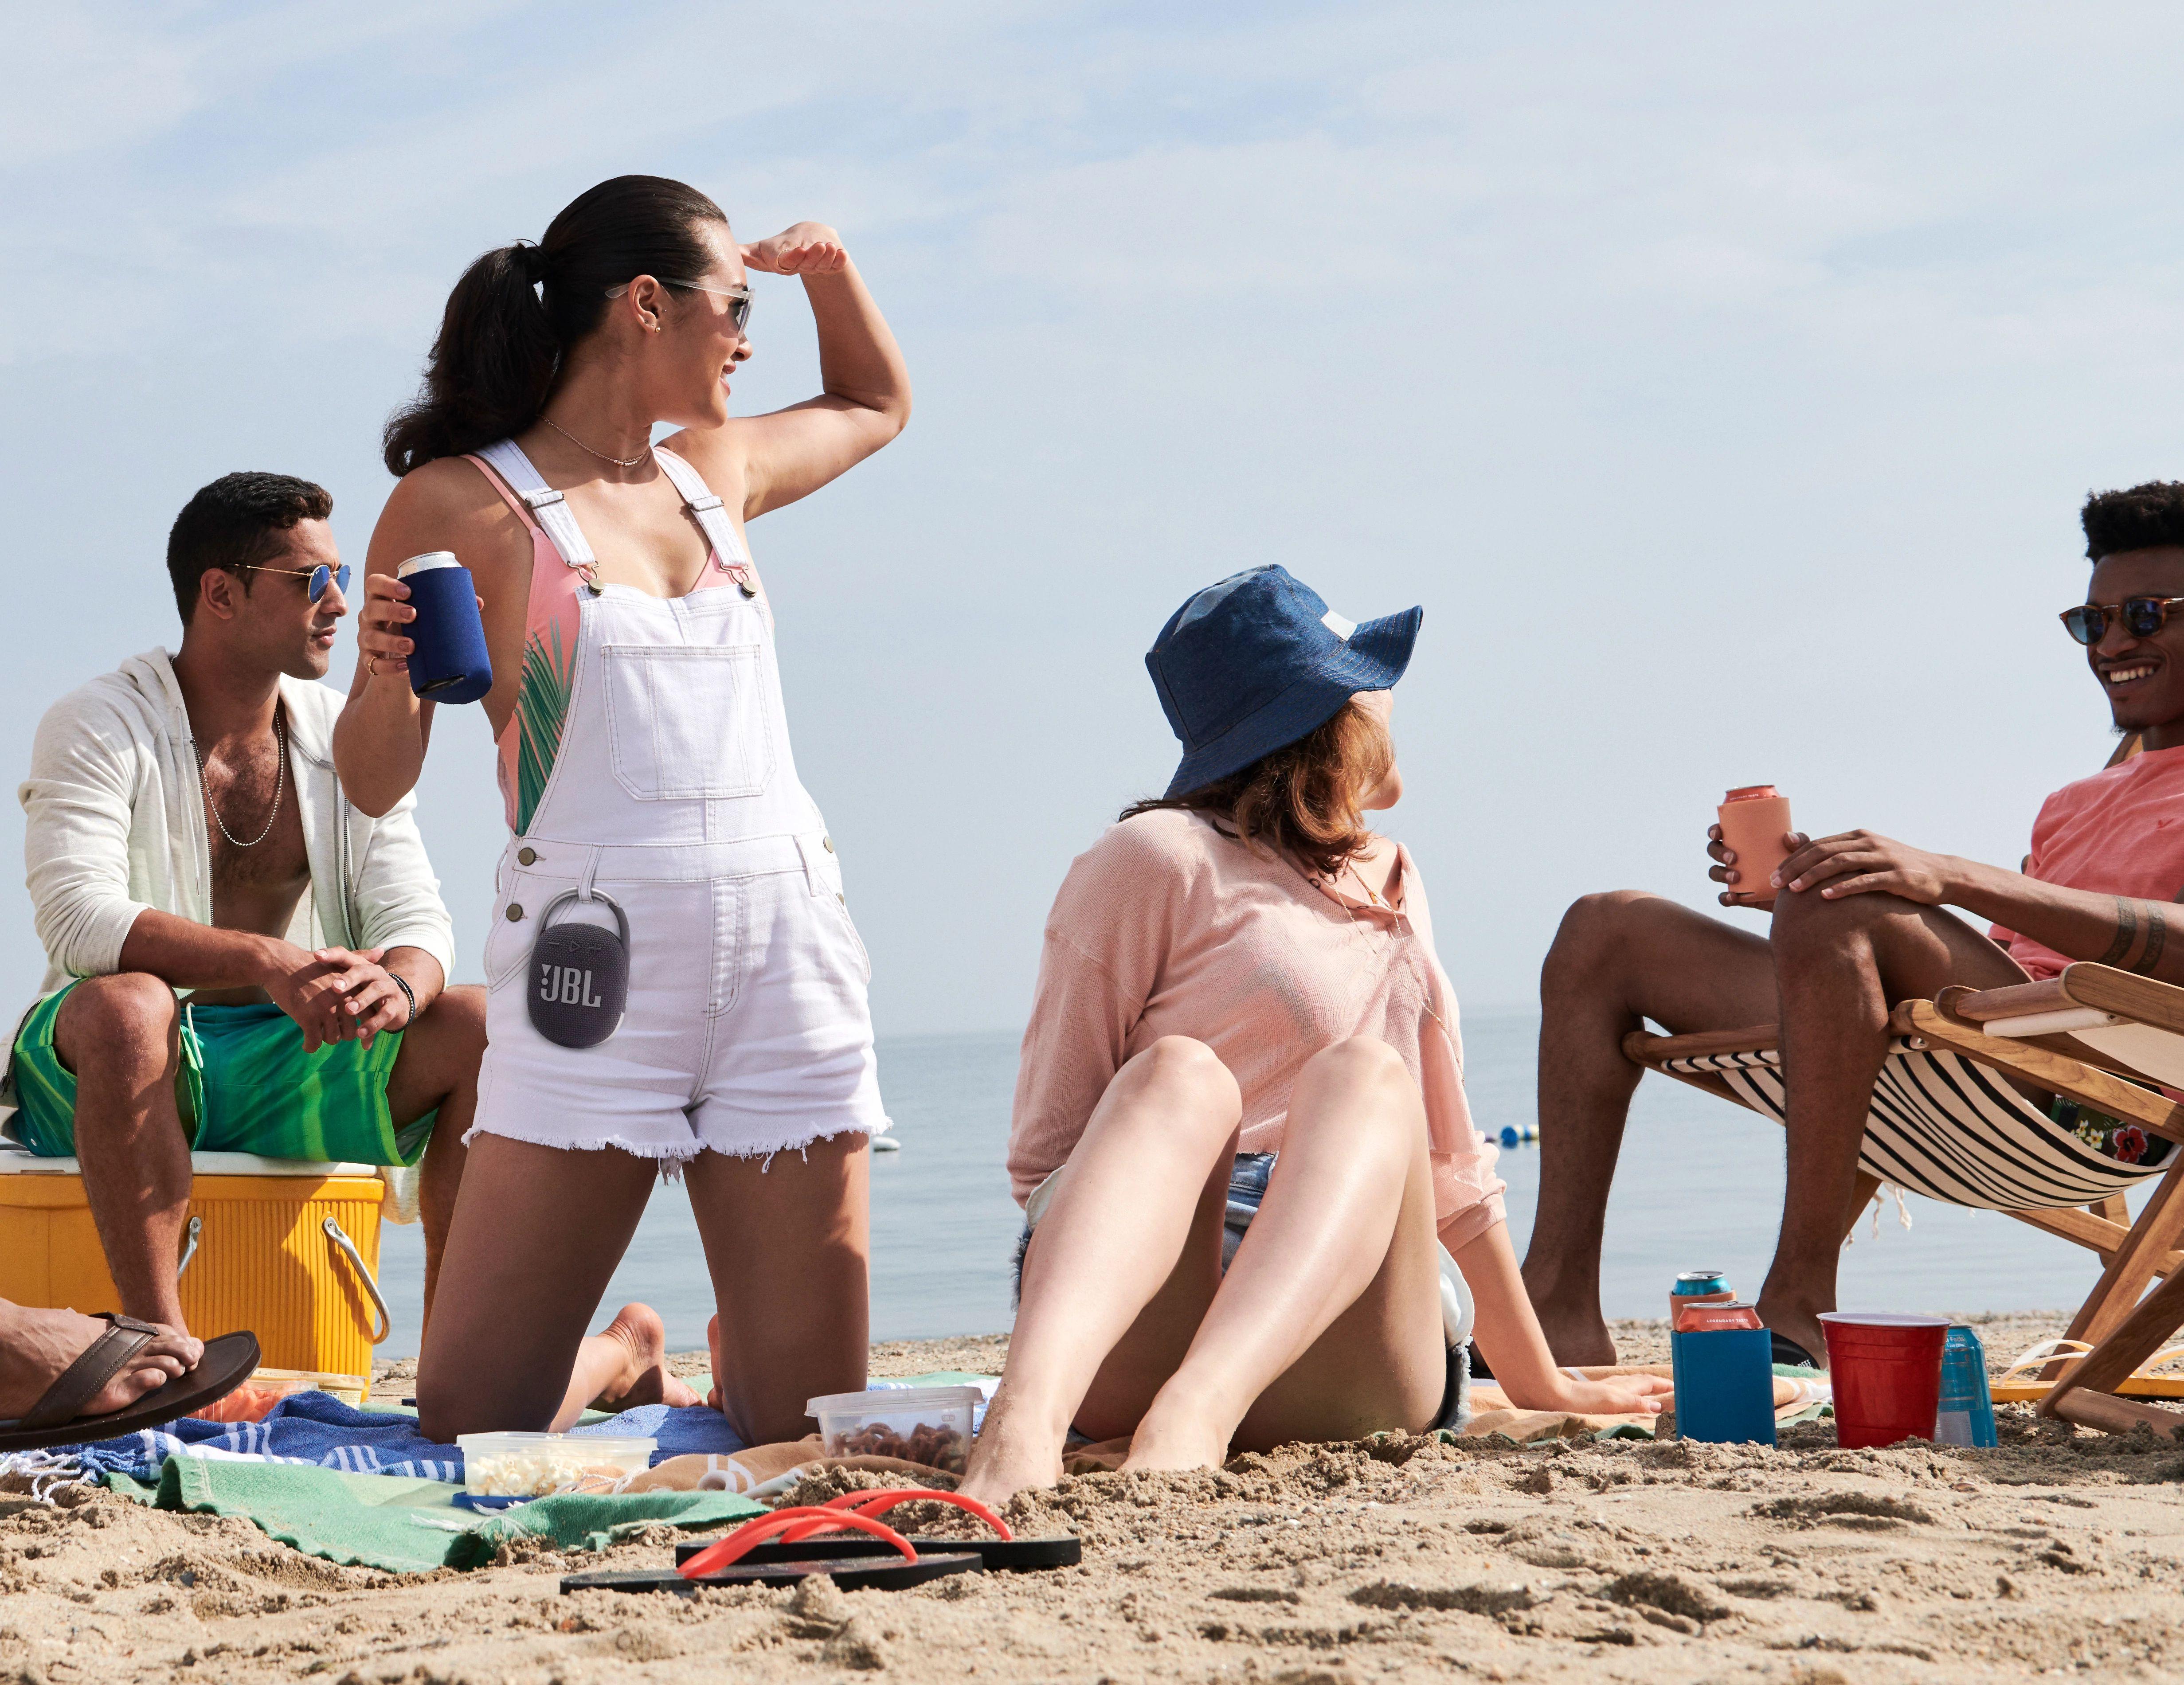 393193 d2 beach hanging 0266 x2 9e157c original 1623251859